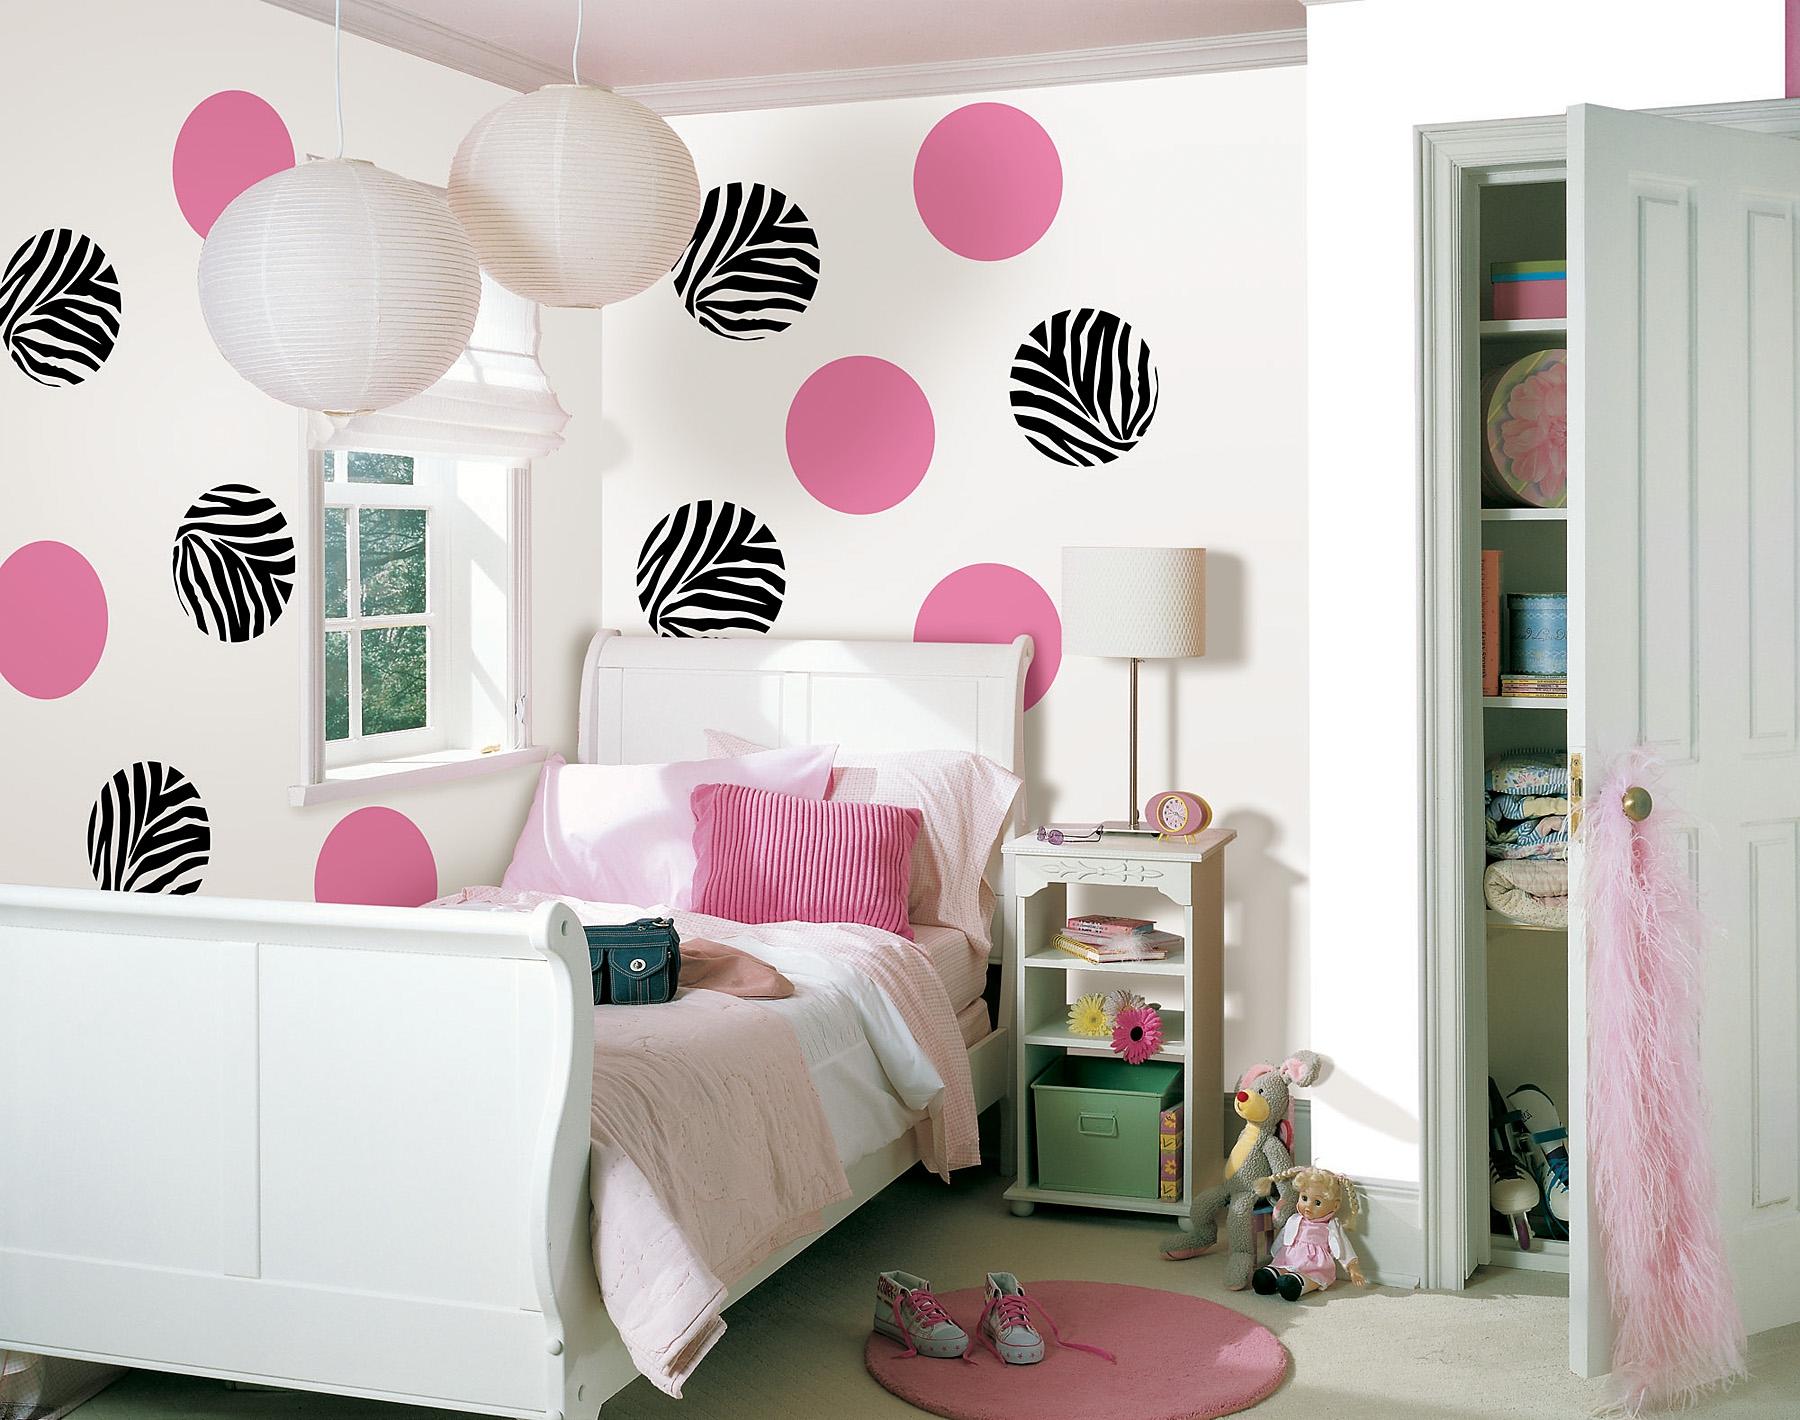 Гармоничное сочетание цветов очень важно в комнате девочки